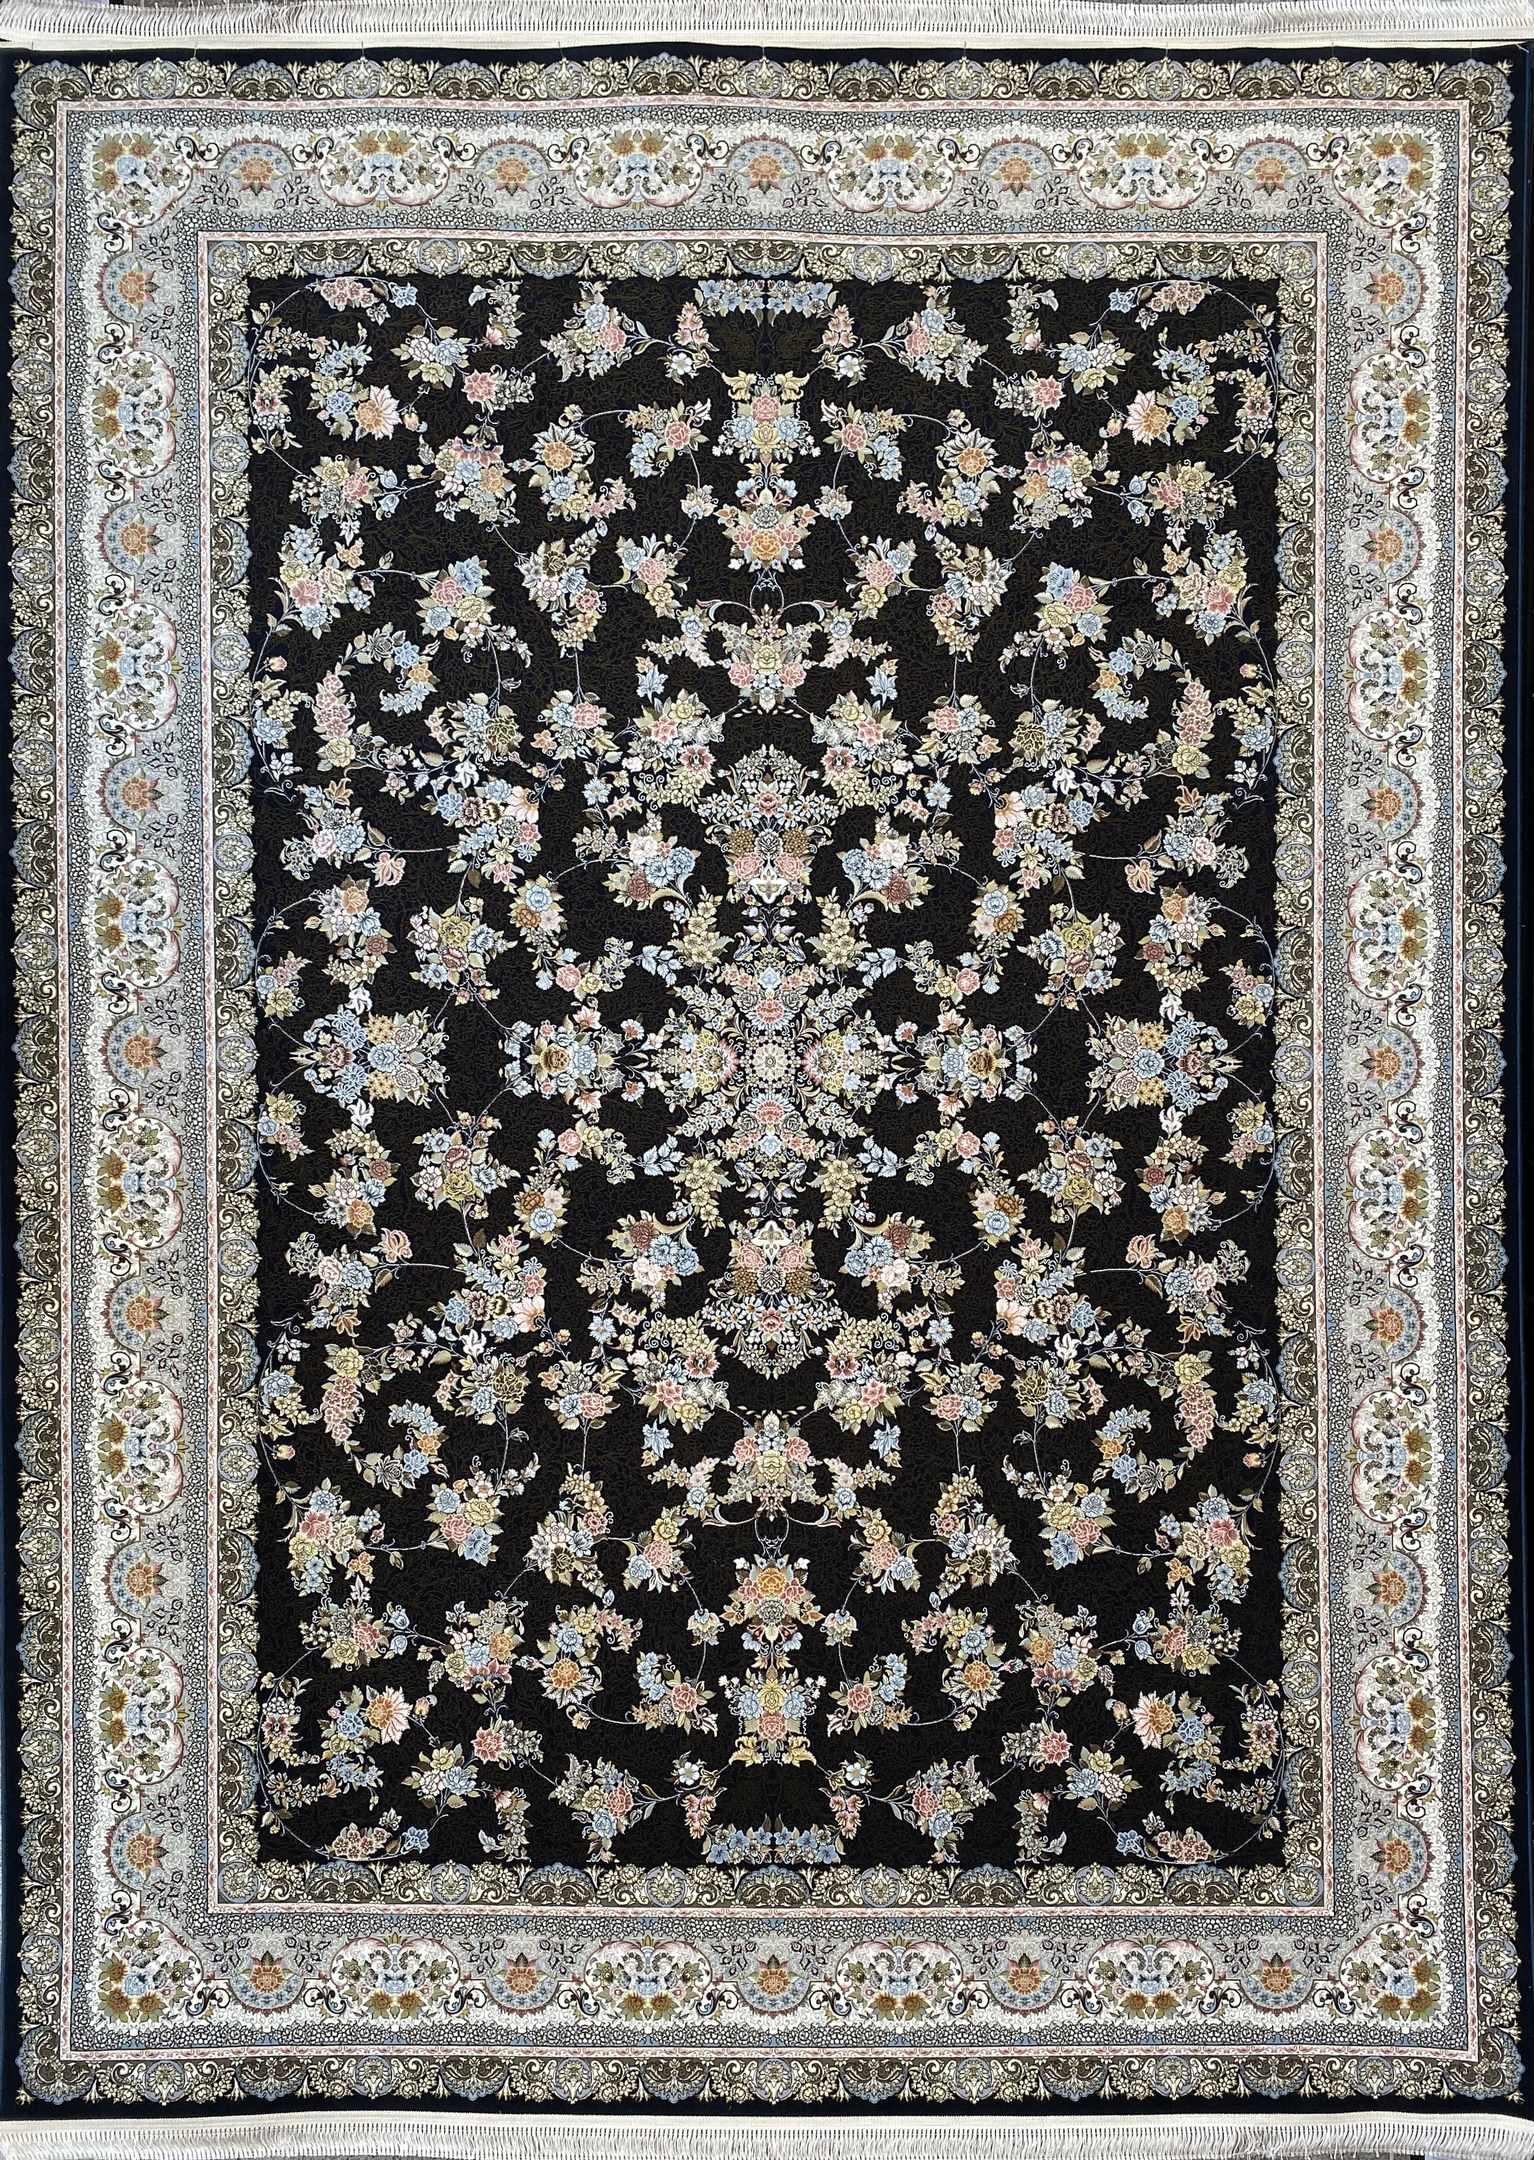 فرش کاشان -نقشه 1500 شانه افشان بهار سرمه ای گلبرجسته